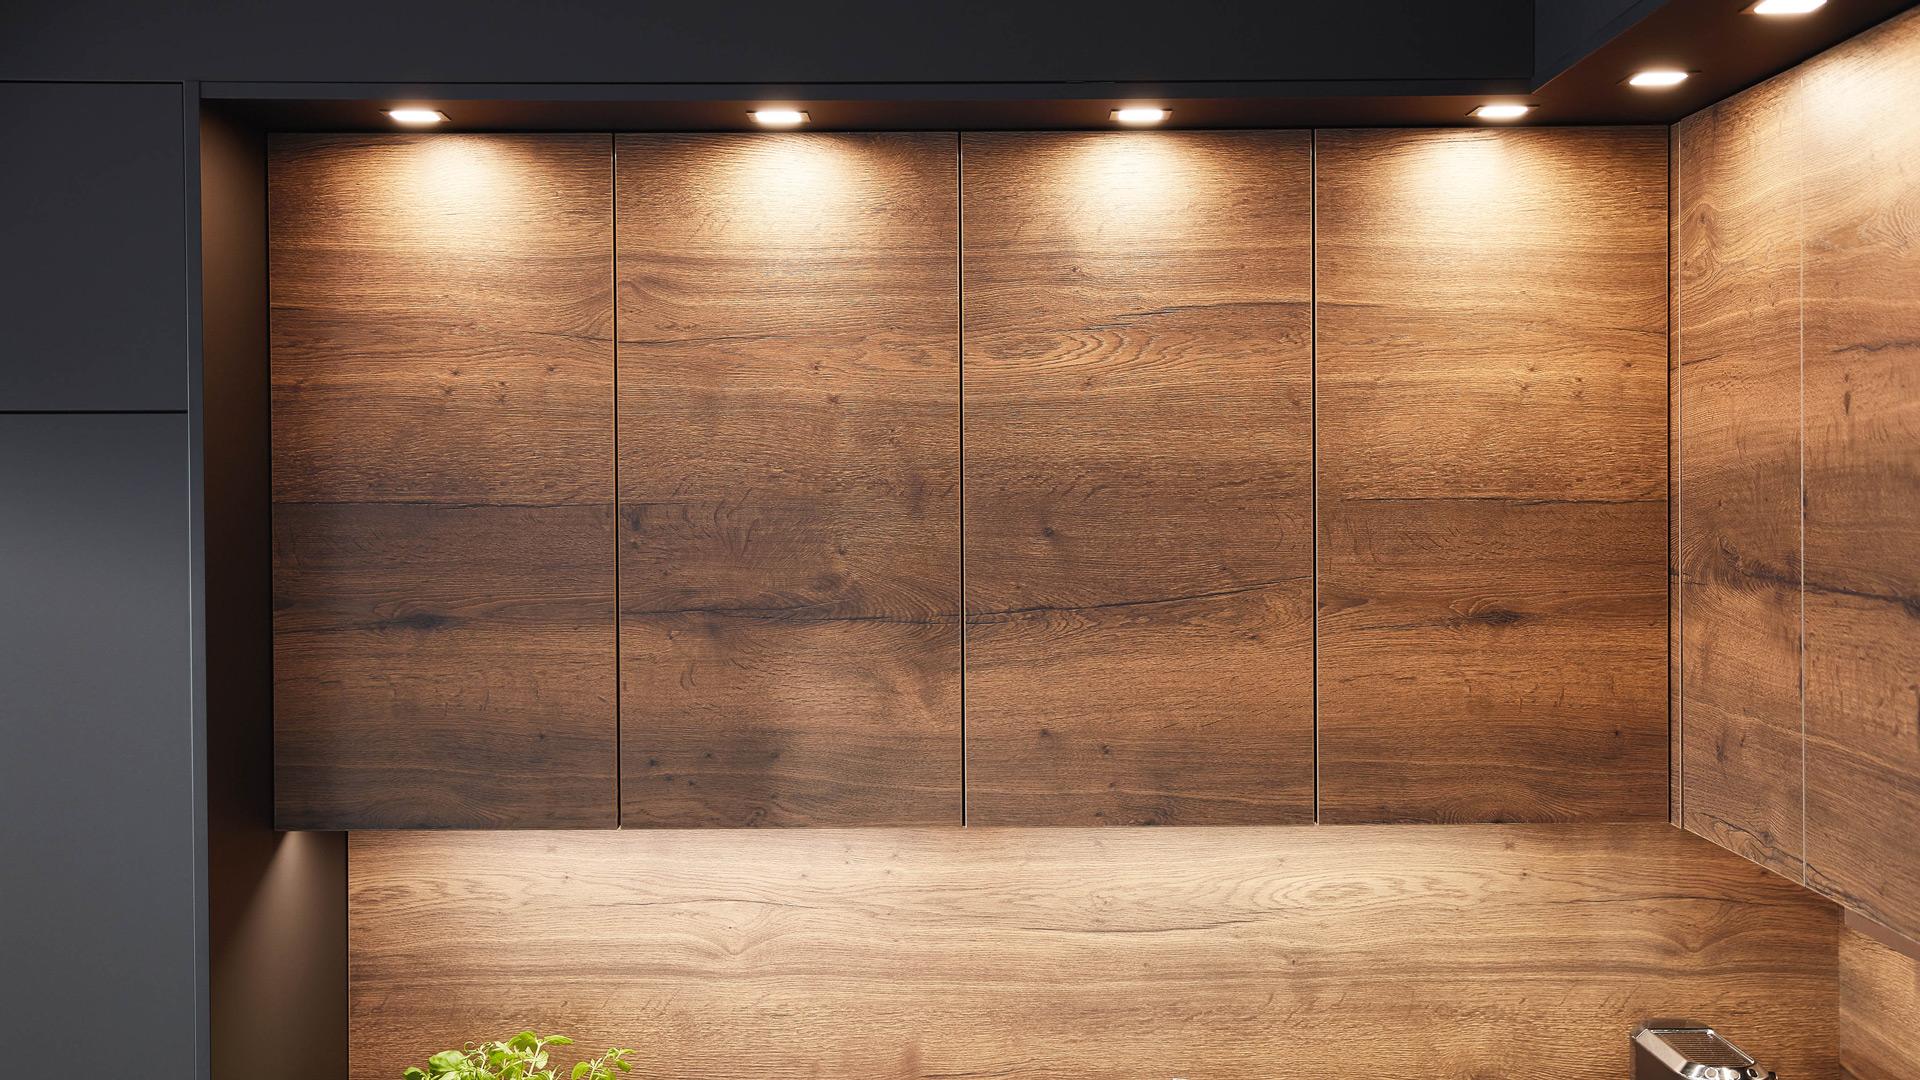 Fronten: Holzdekore mit durchgängiger Maserung